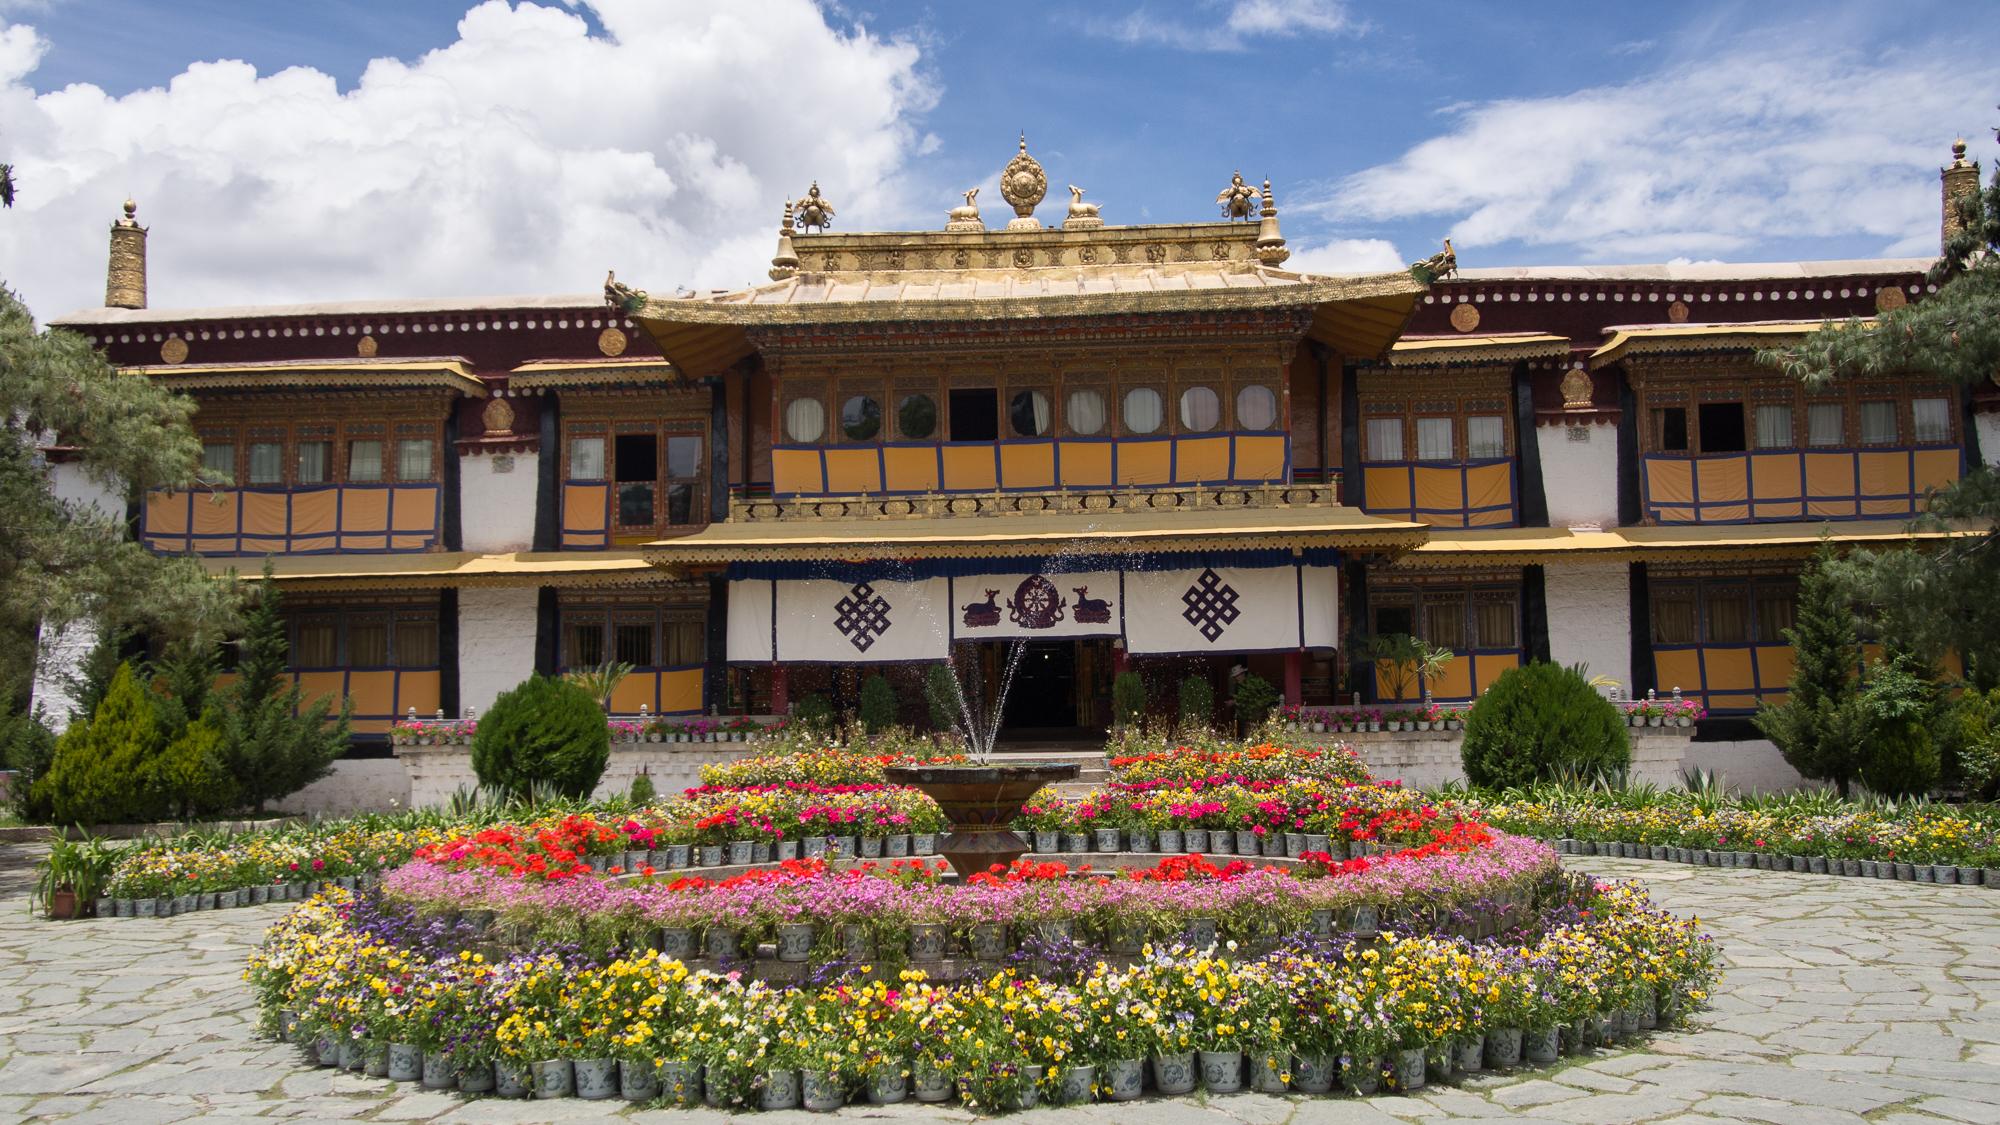 Norbulinka summer Palace, China